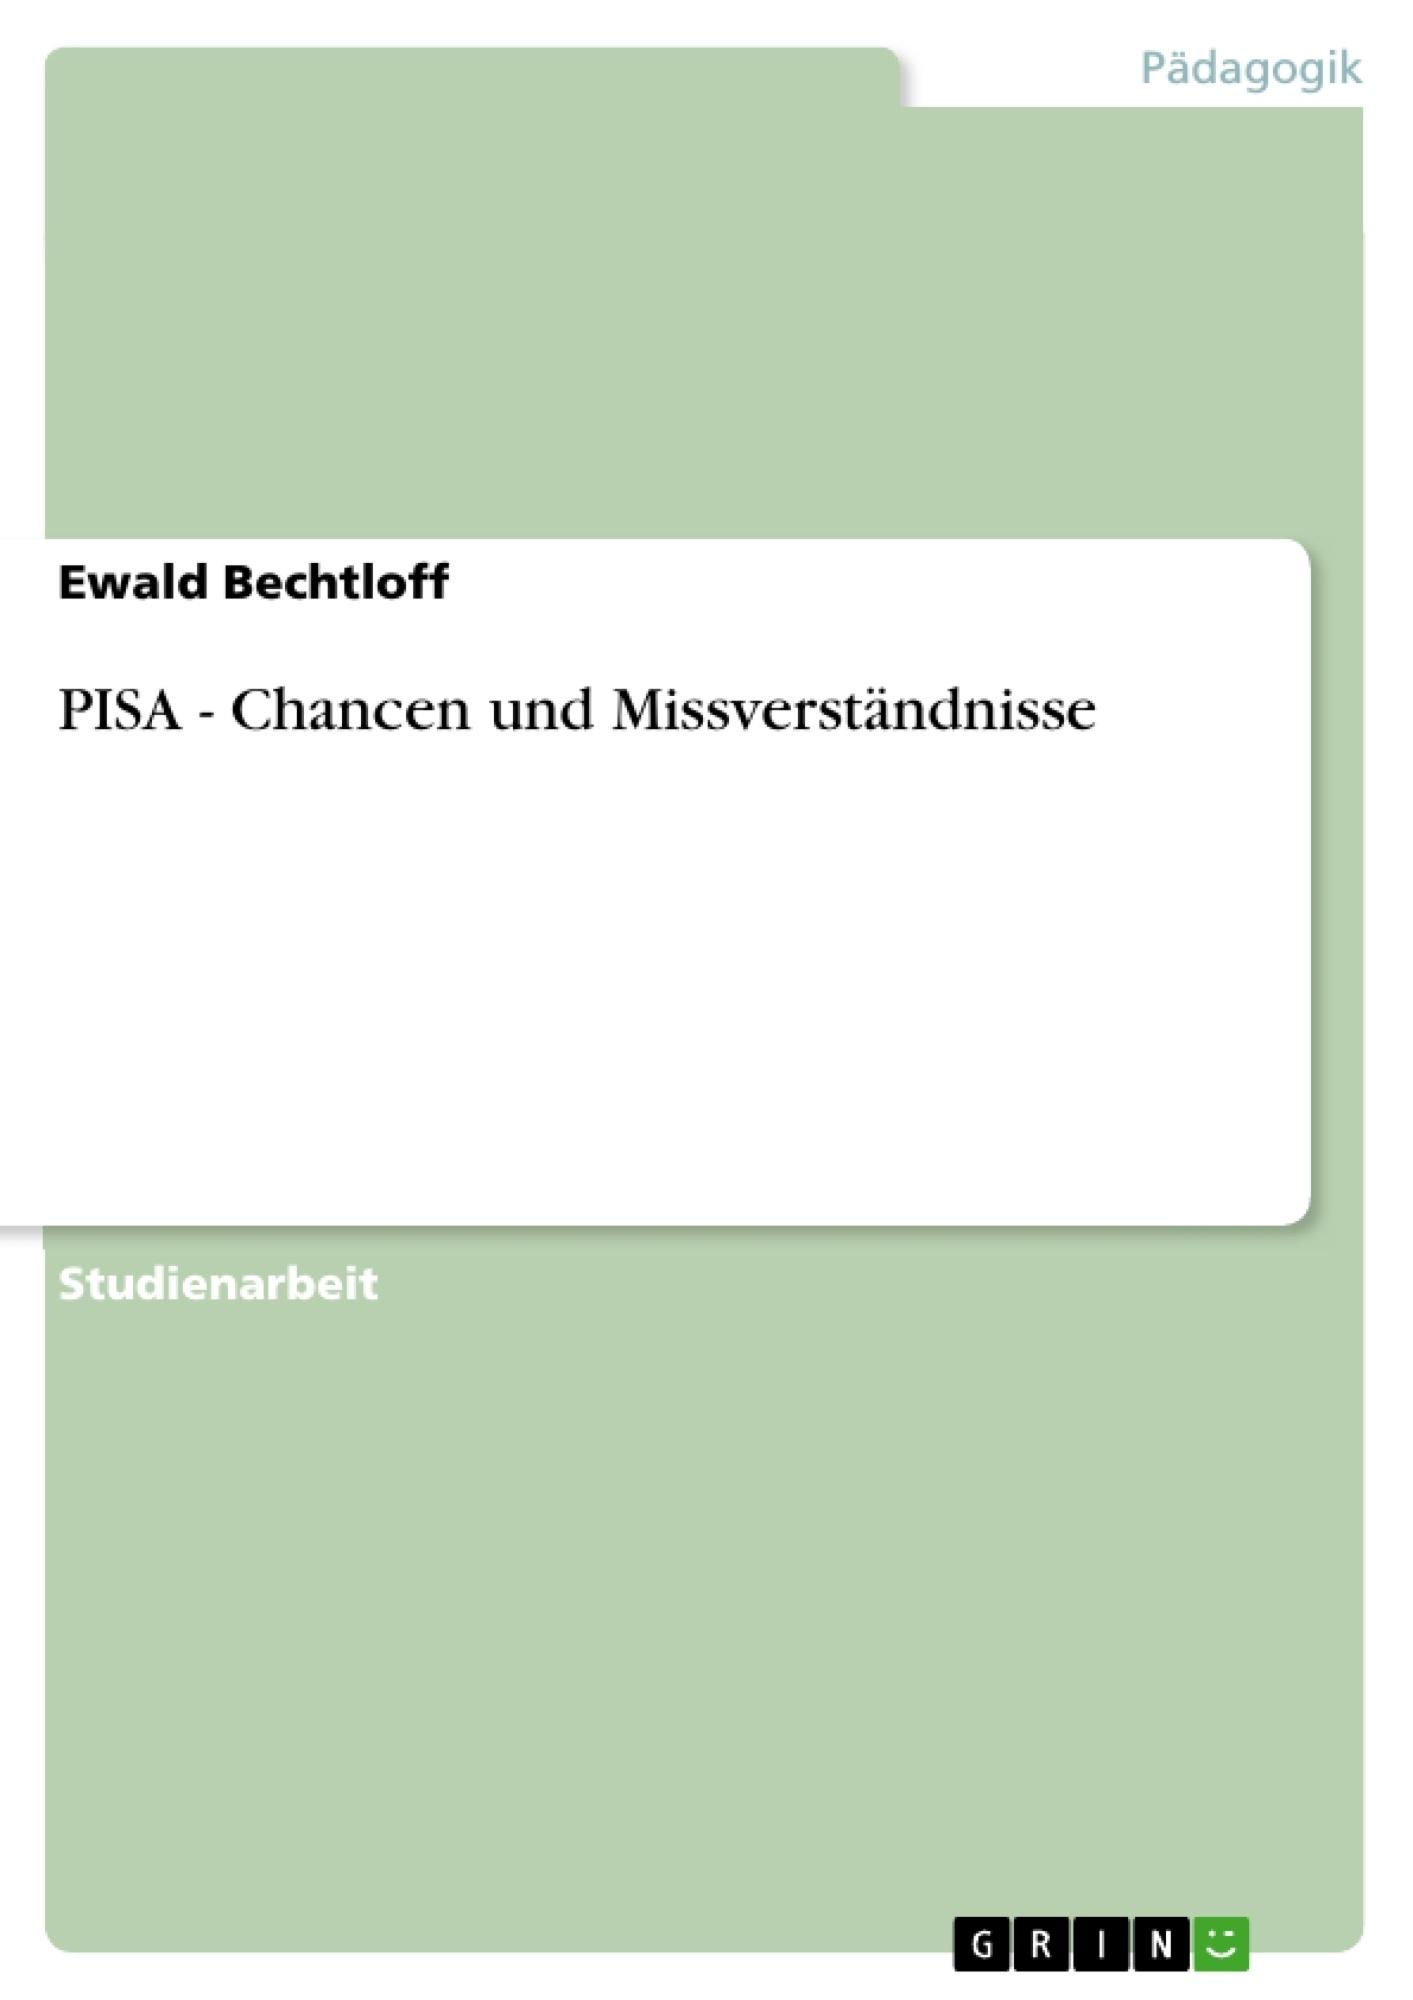 Titel: PISA - Chancen und Missverständnisse